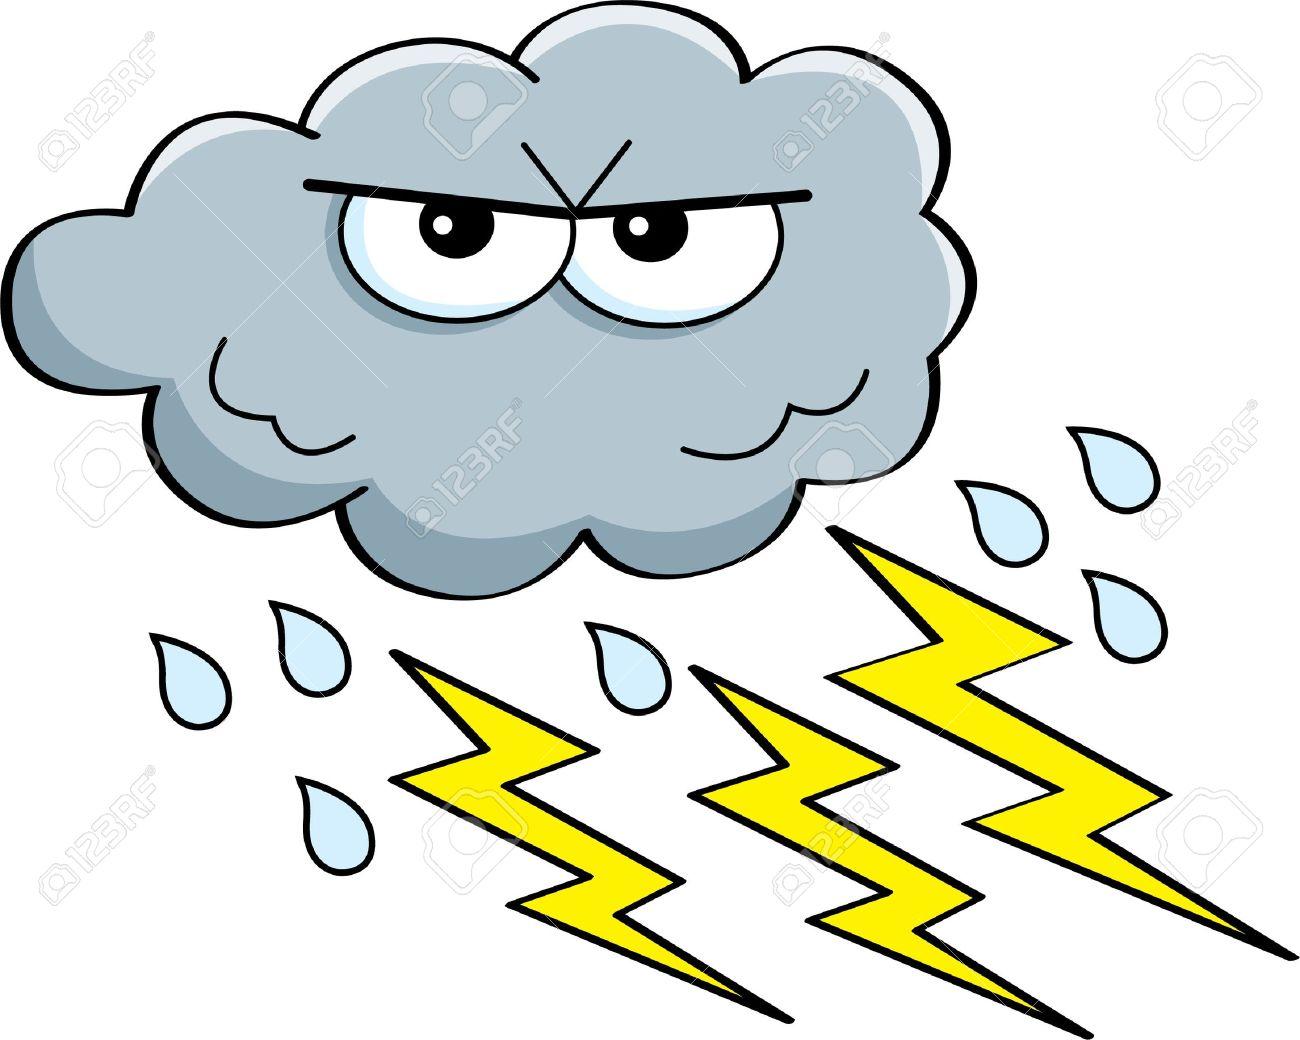 雨と雷の嵐雲の漫画イラストのイラスト素材ベクタ Image 18834621